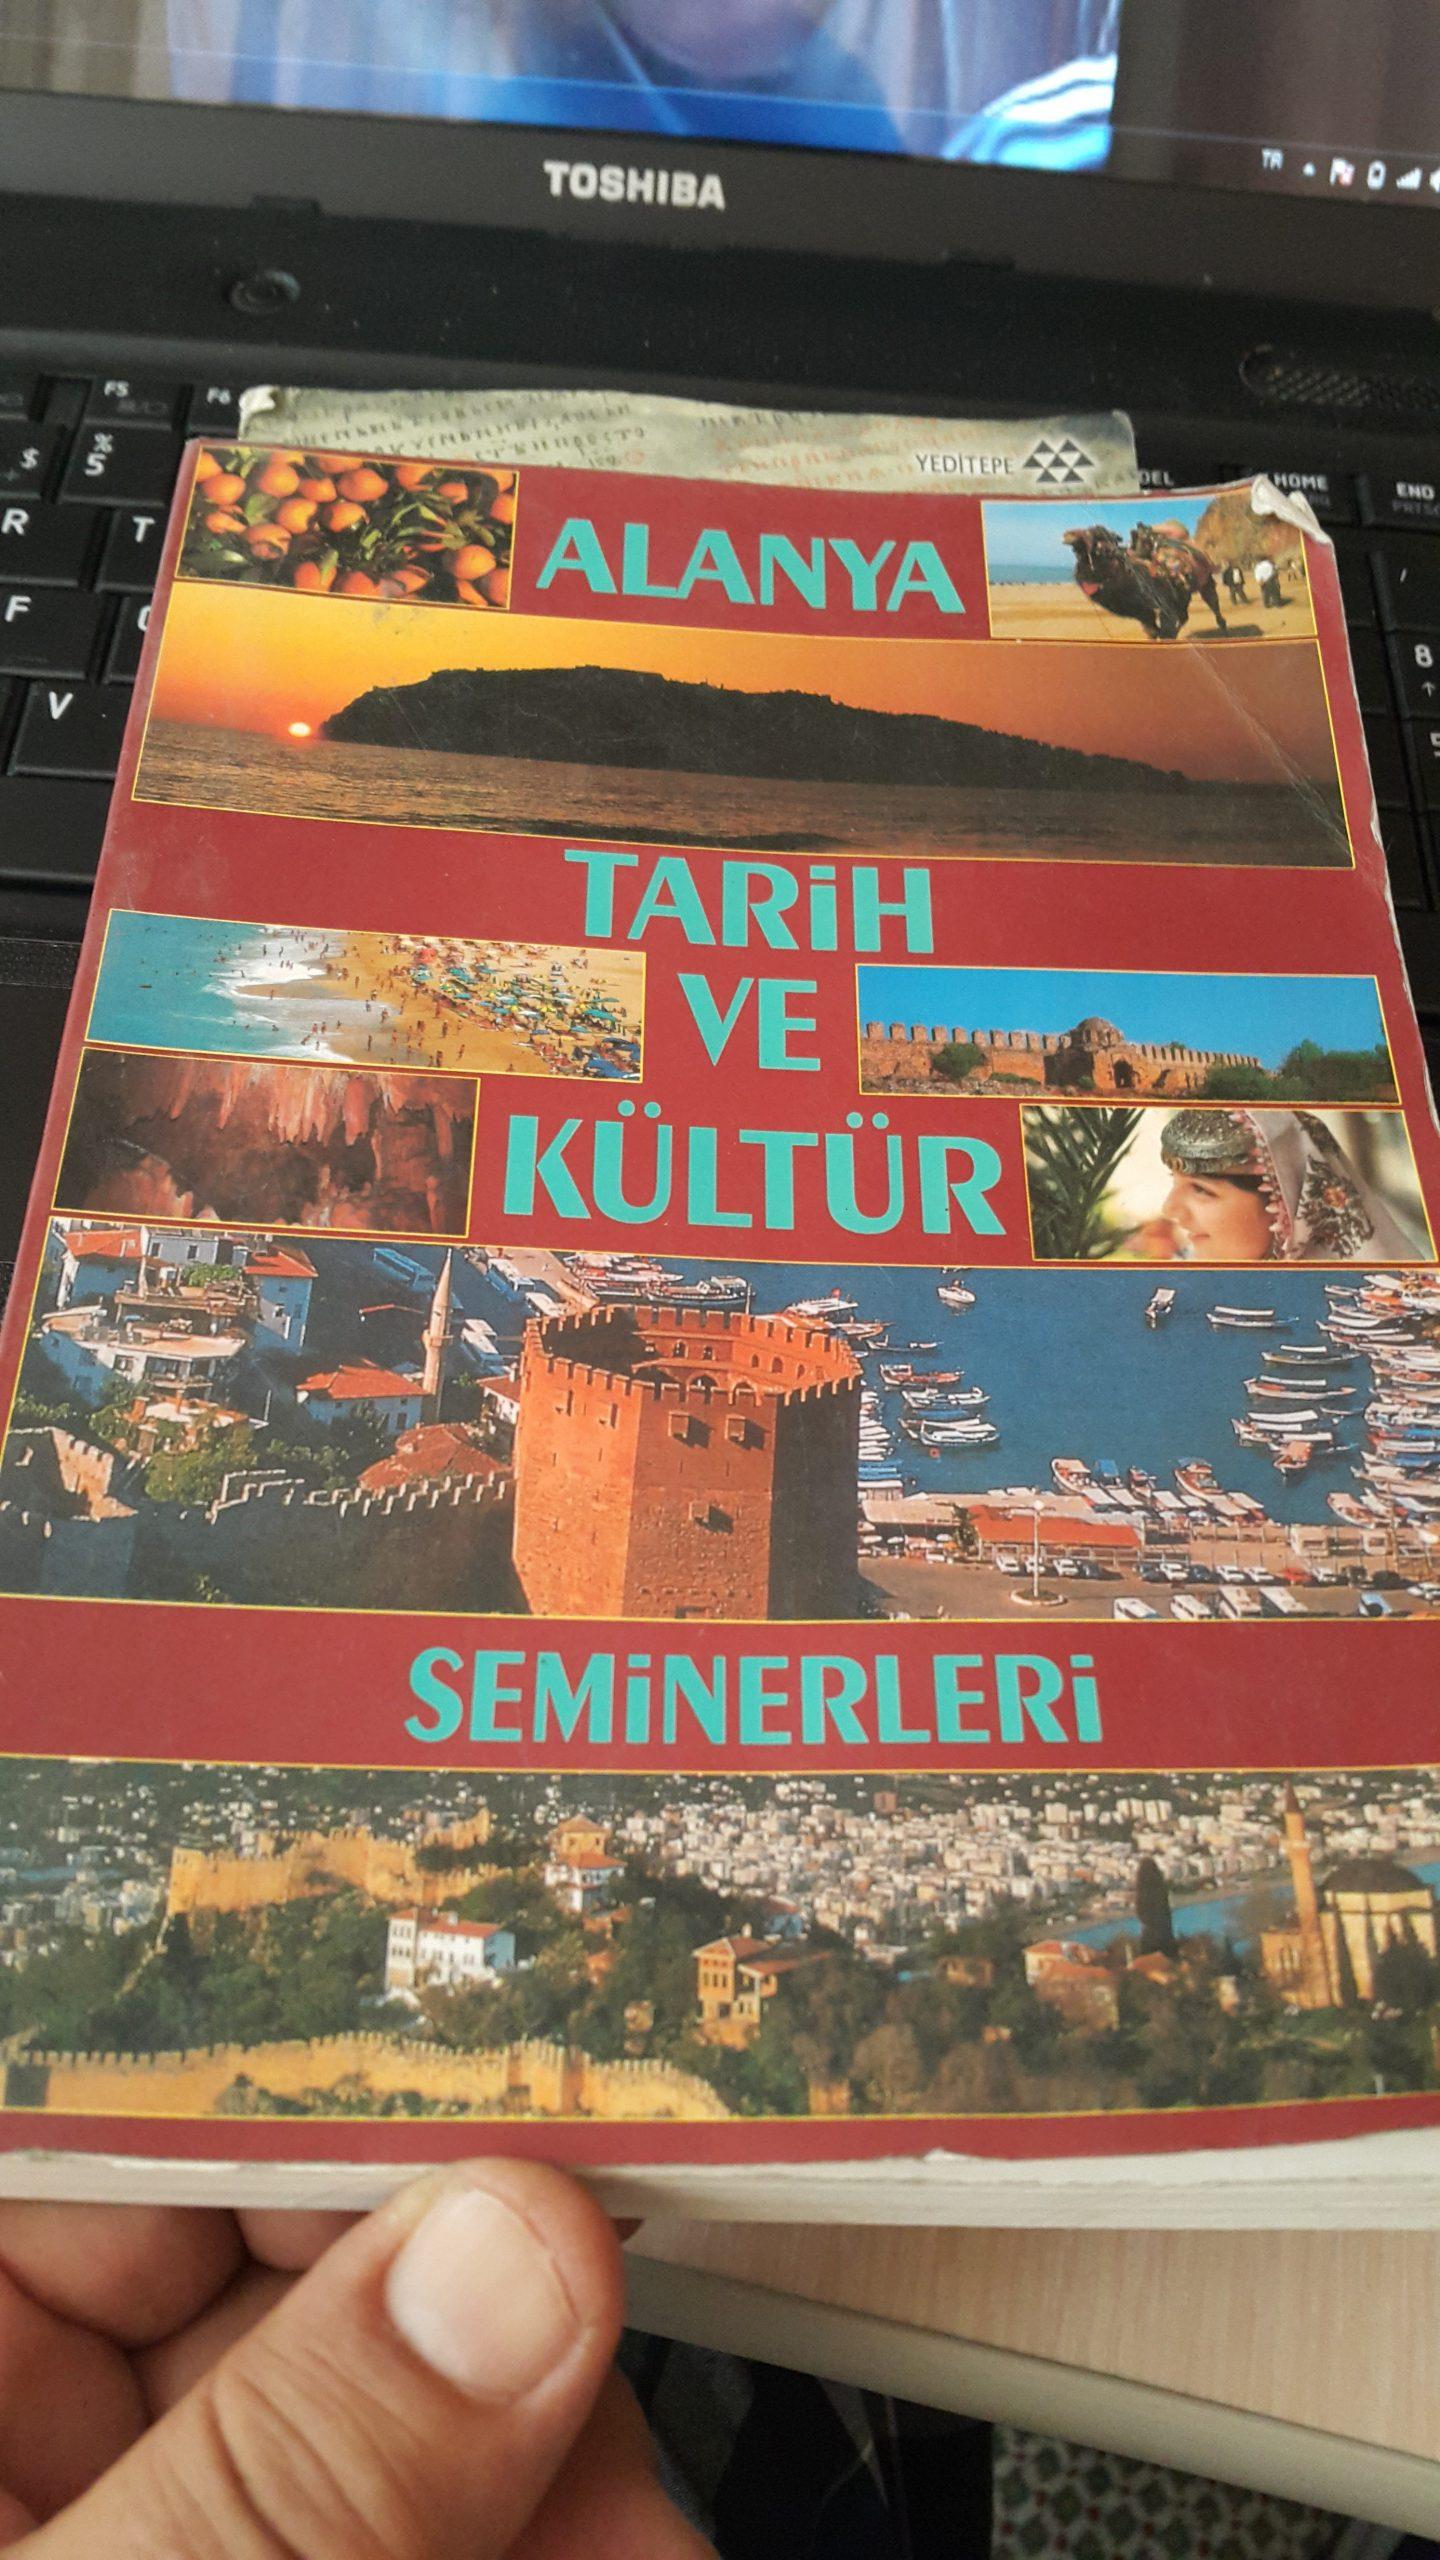 ALANYA /TARİH VE KÜLTÜR/SEMİNERLER/ALANYA BELEDİYESİ